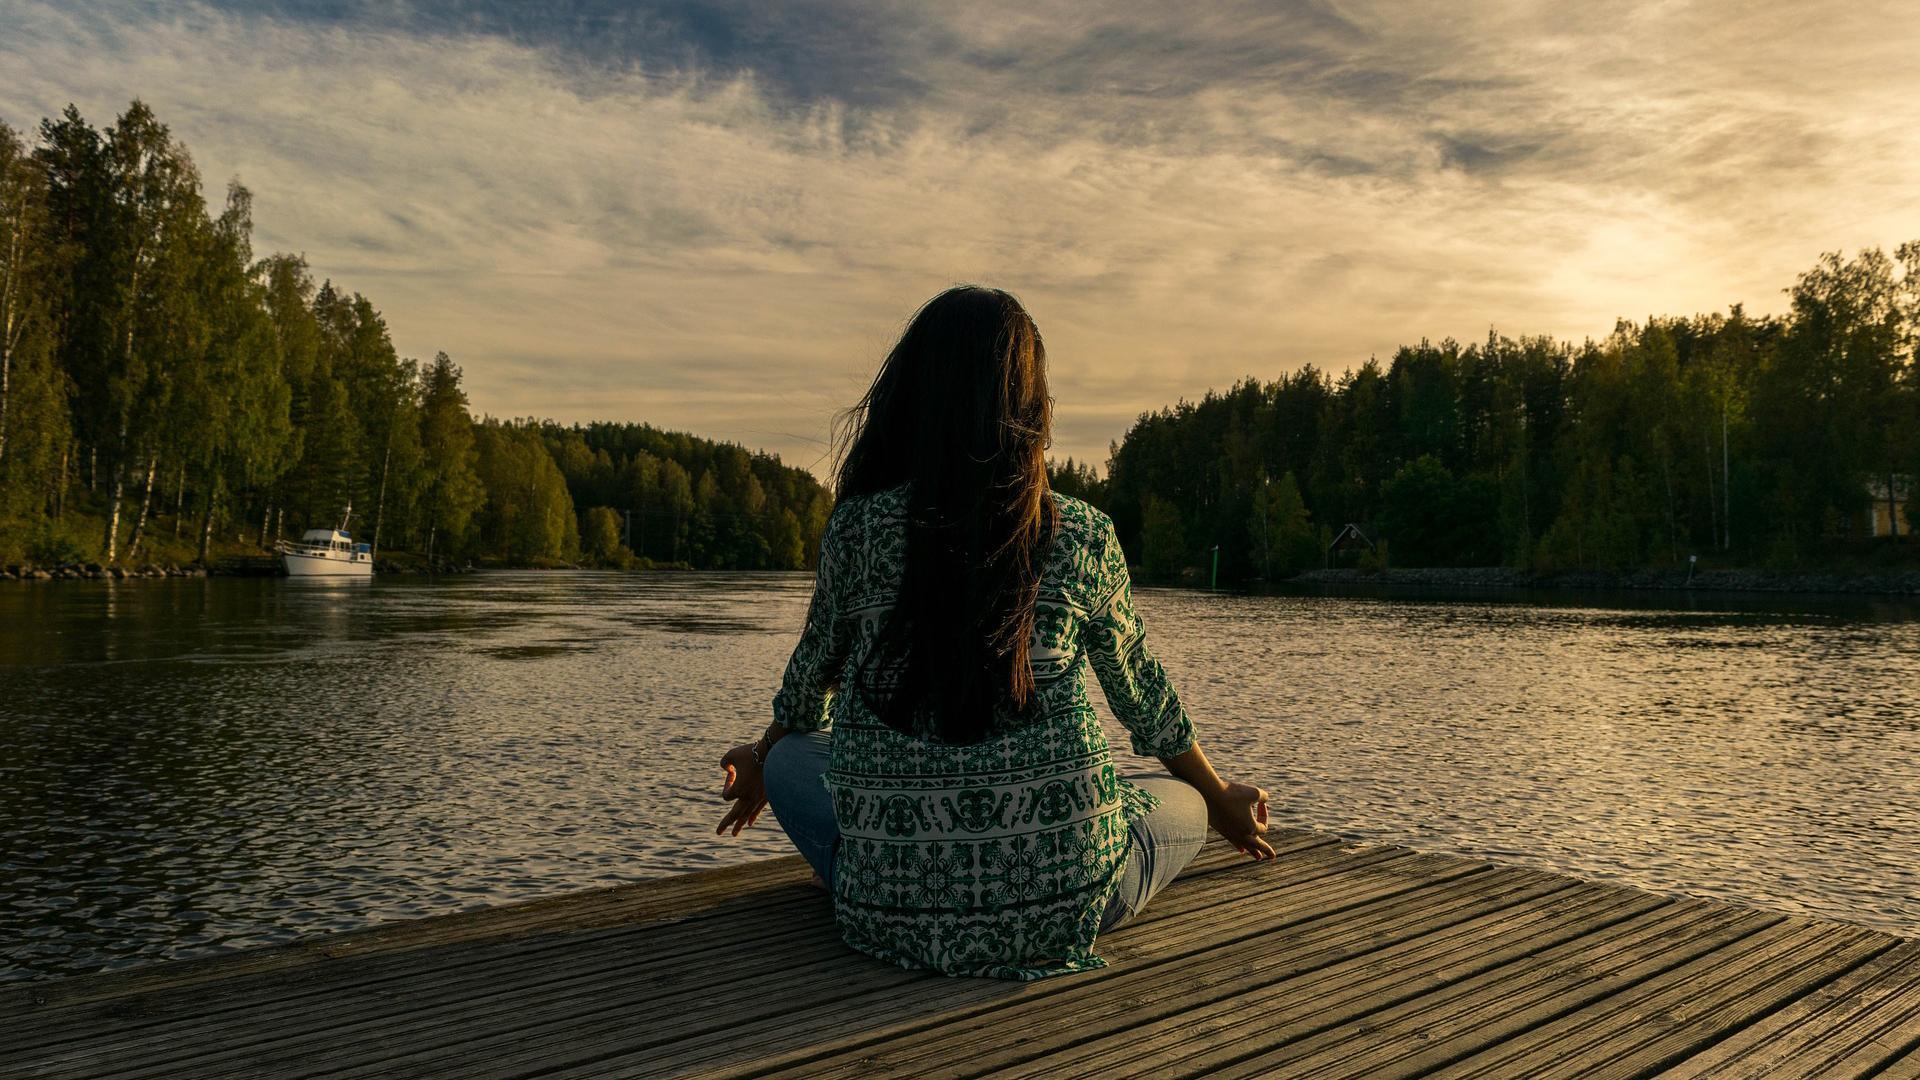 Entspannen lernen: So gelangen Sie zum Stressabbau